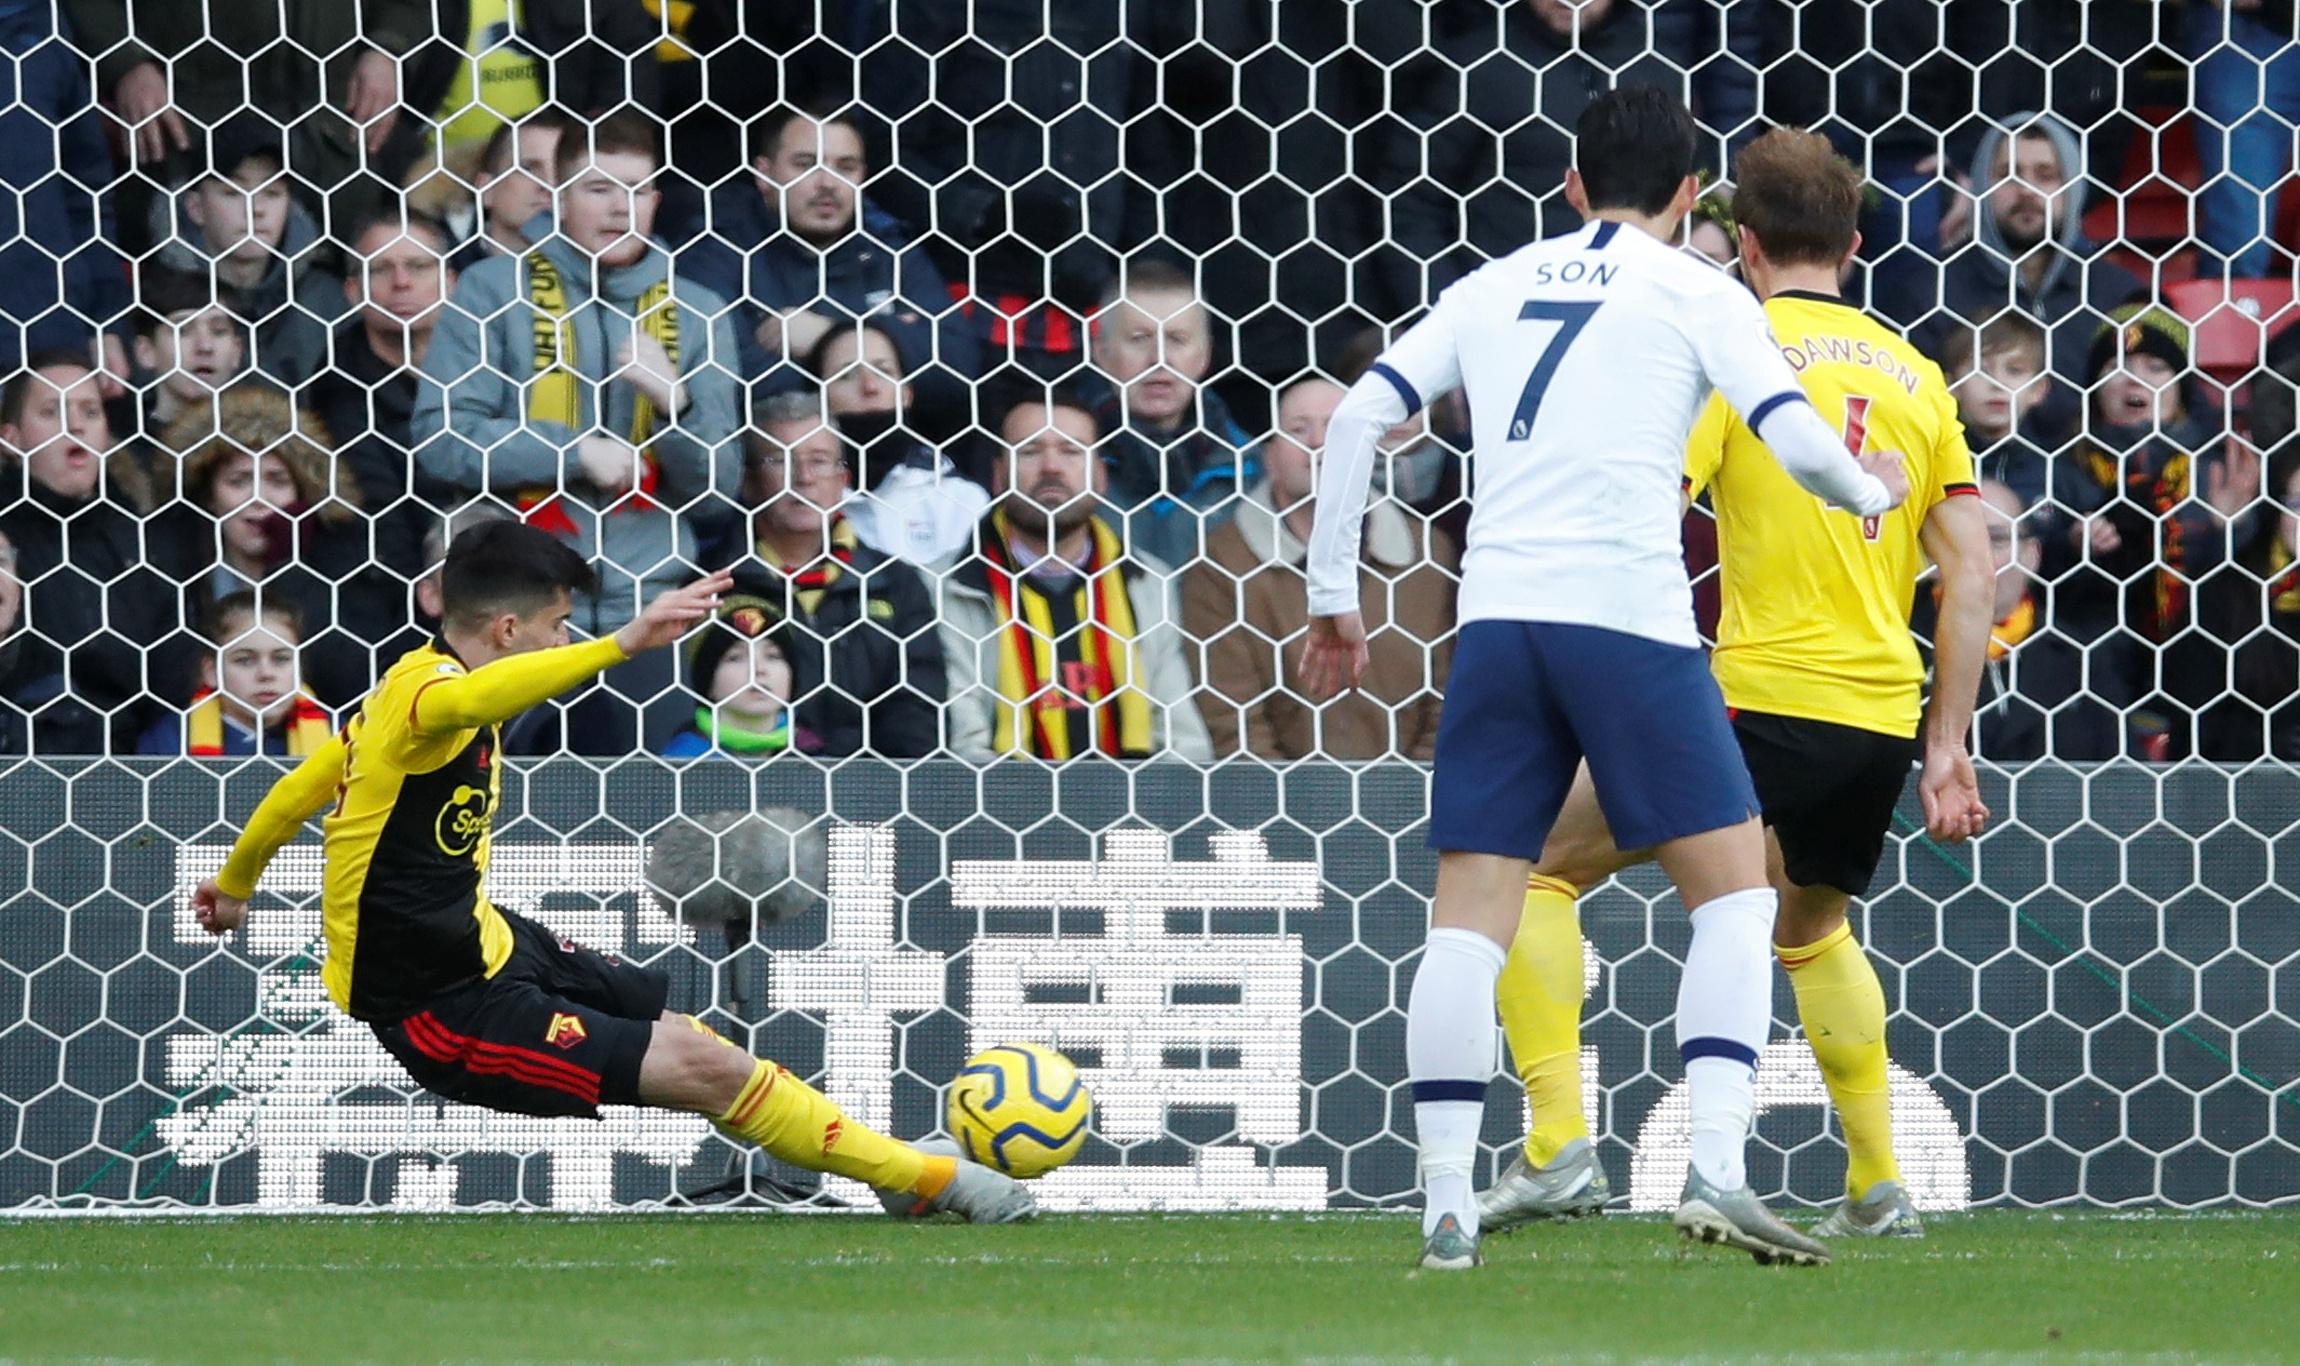 Craig Dawson praises new Watford signing Ignacio Pussetto for Tottenham Hotspur clearance